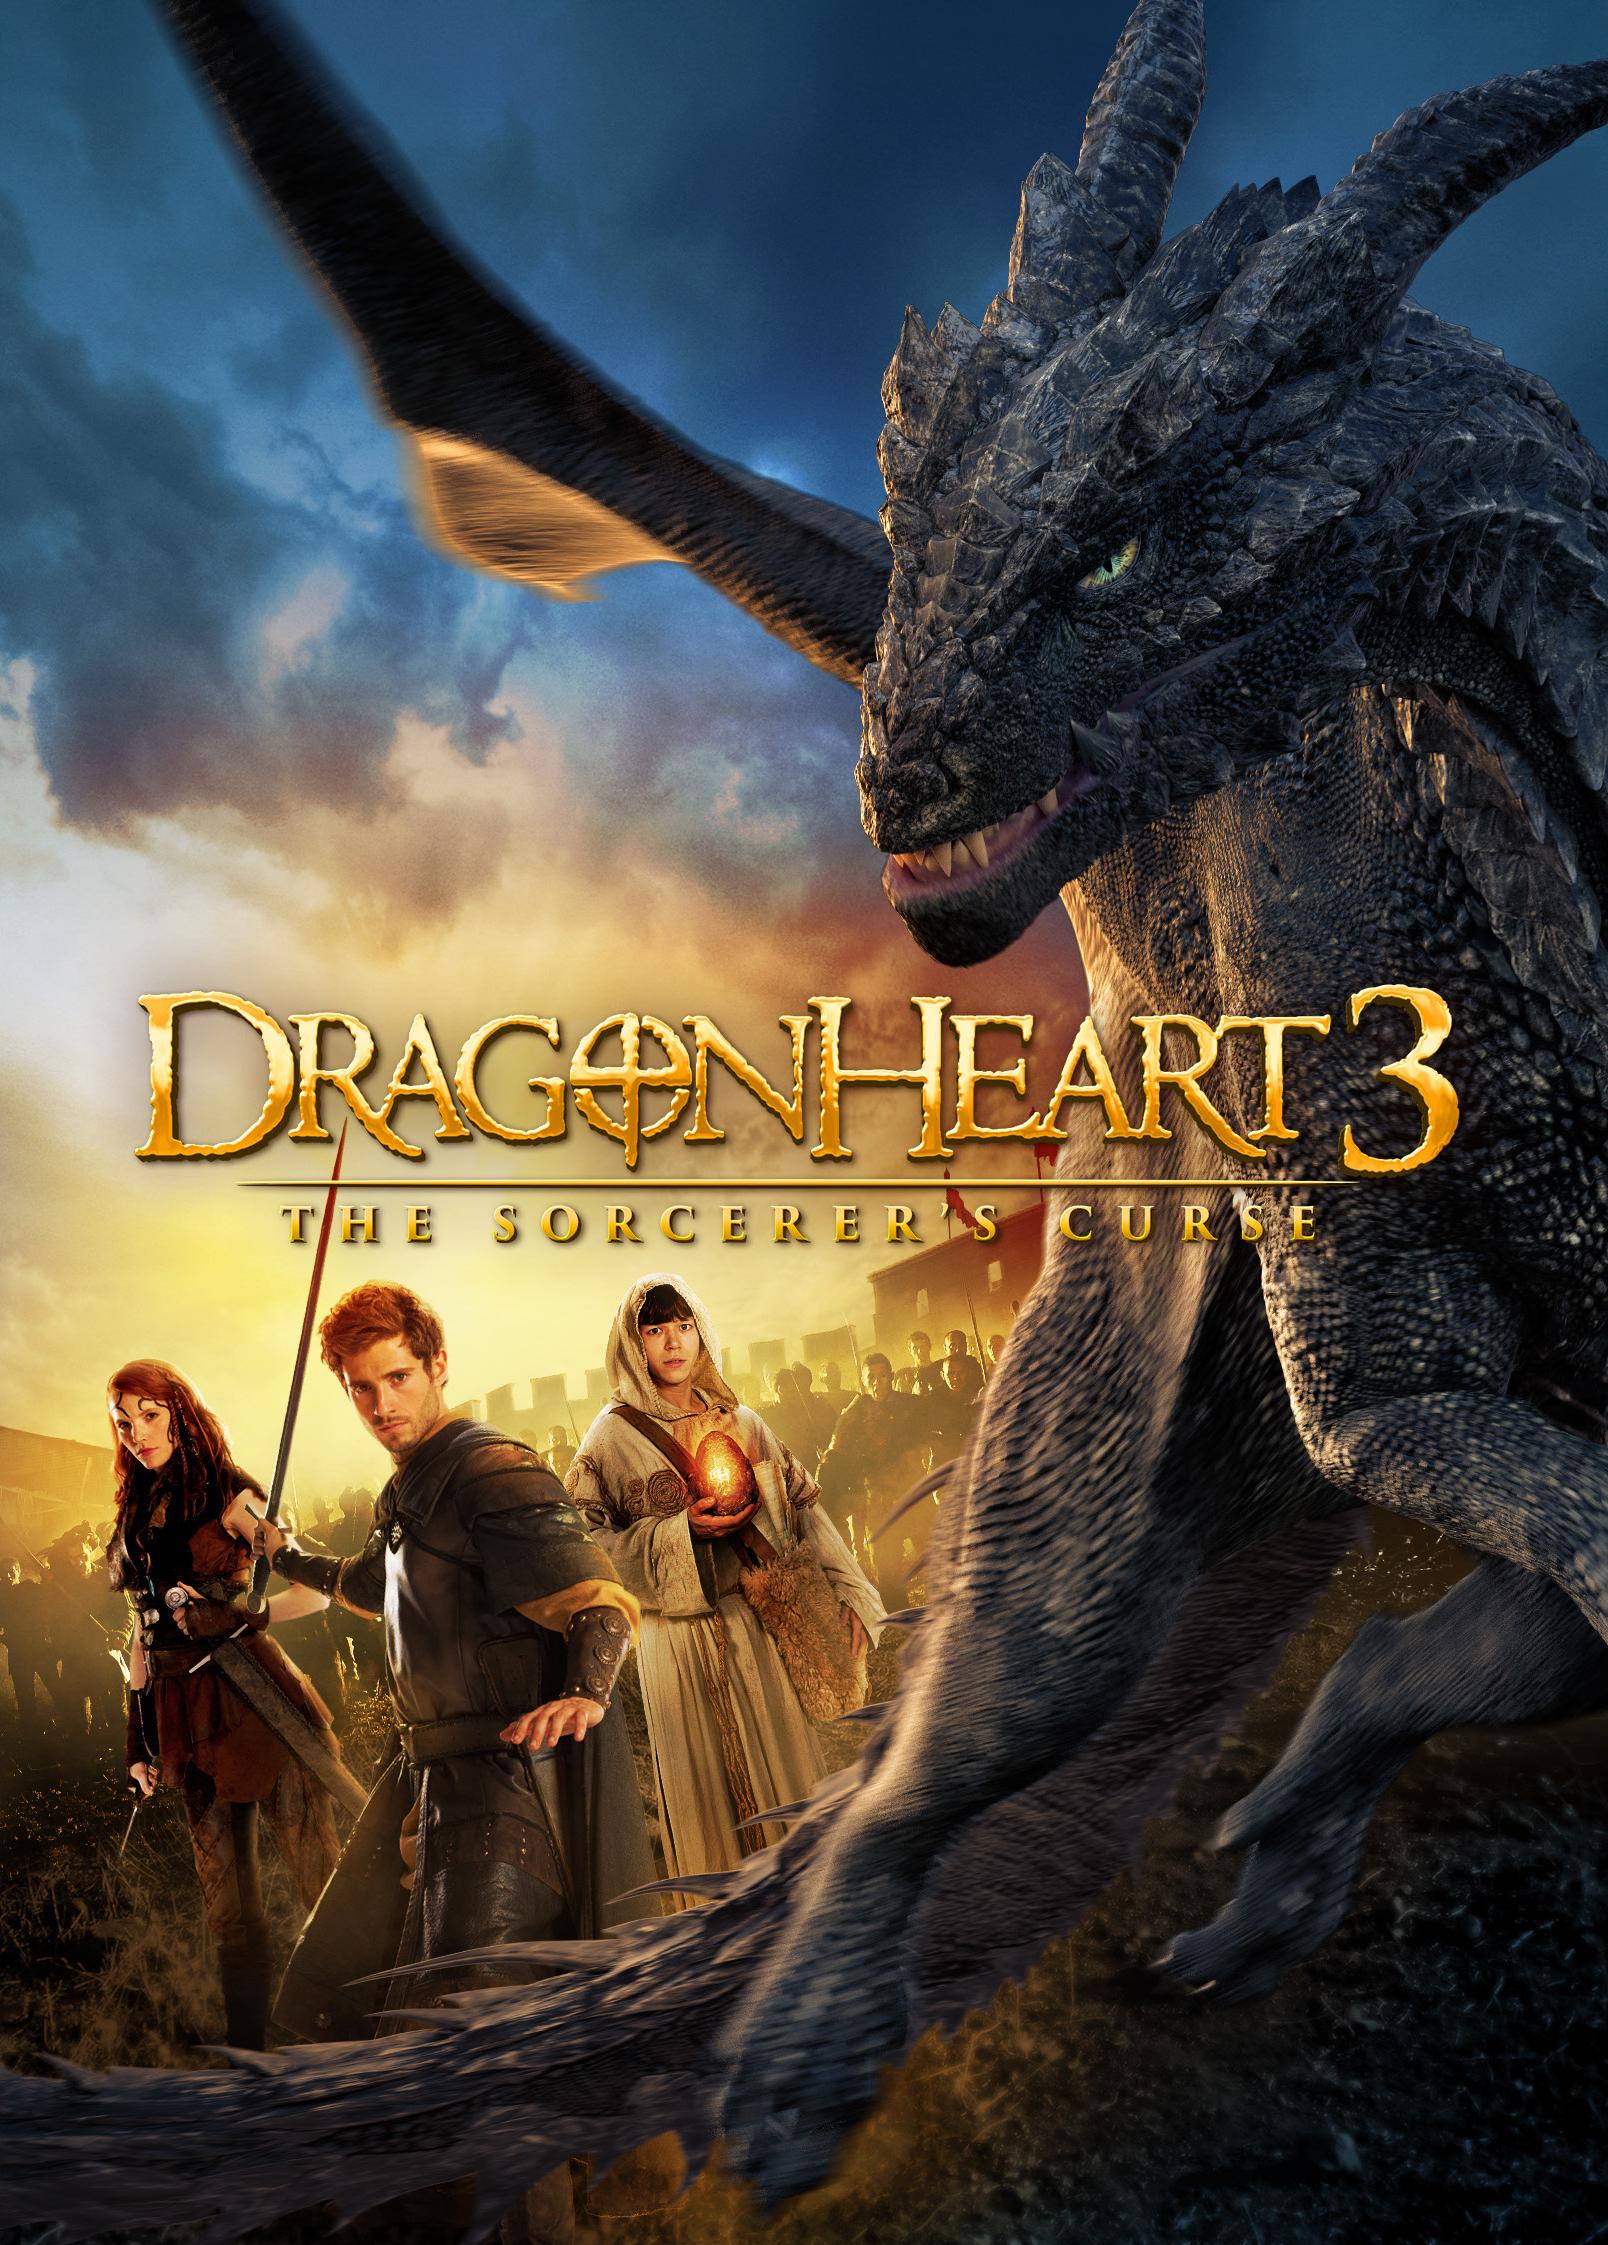 Dragonheart 3: The Sorcerer's Curse kapak